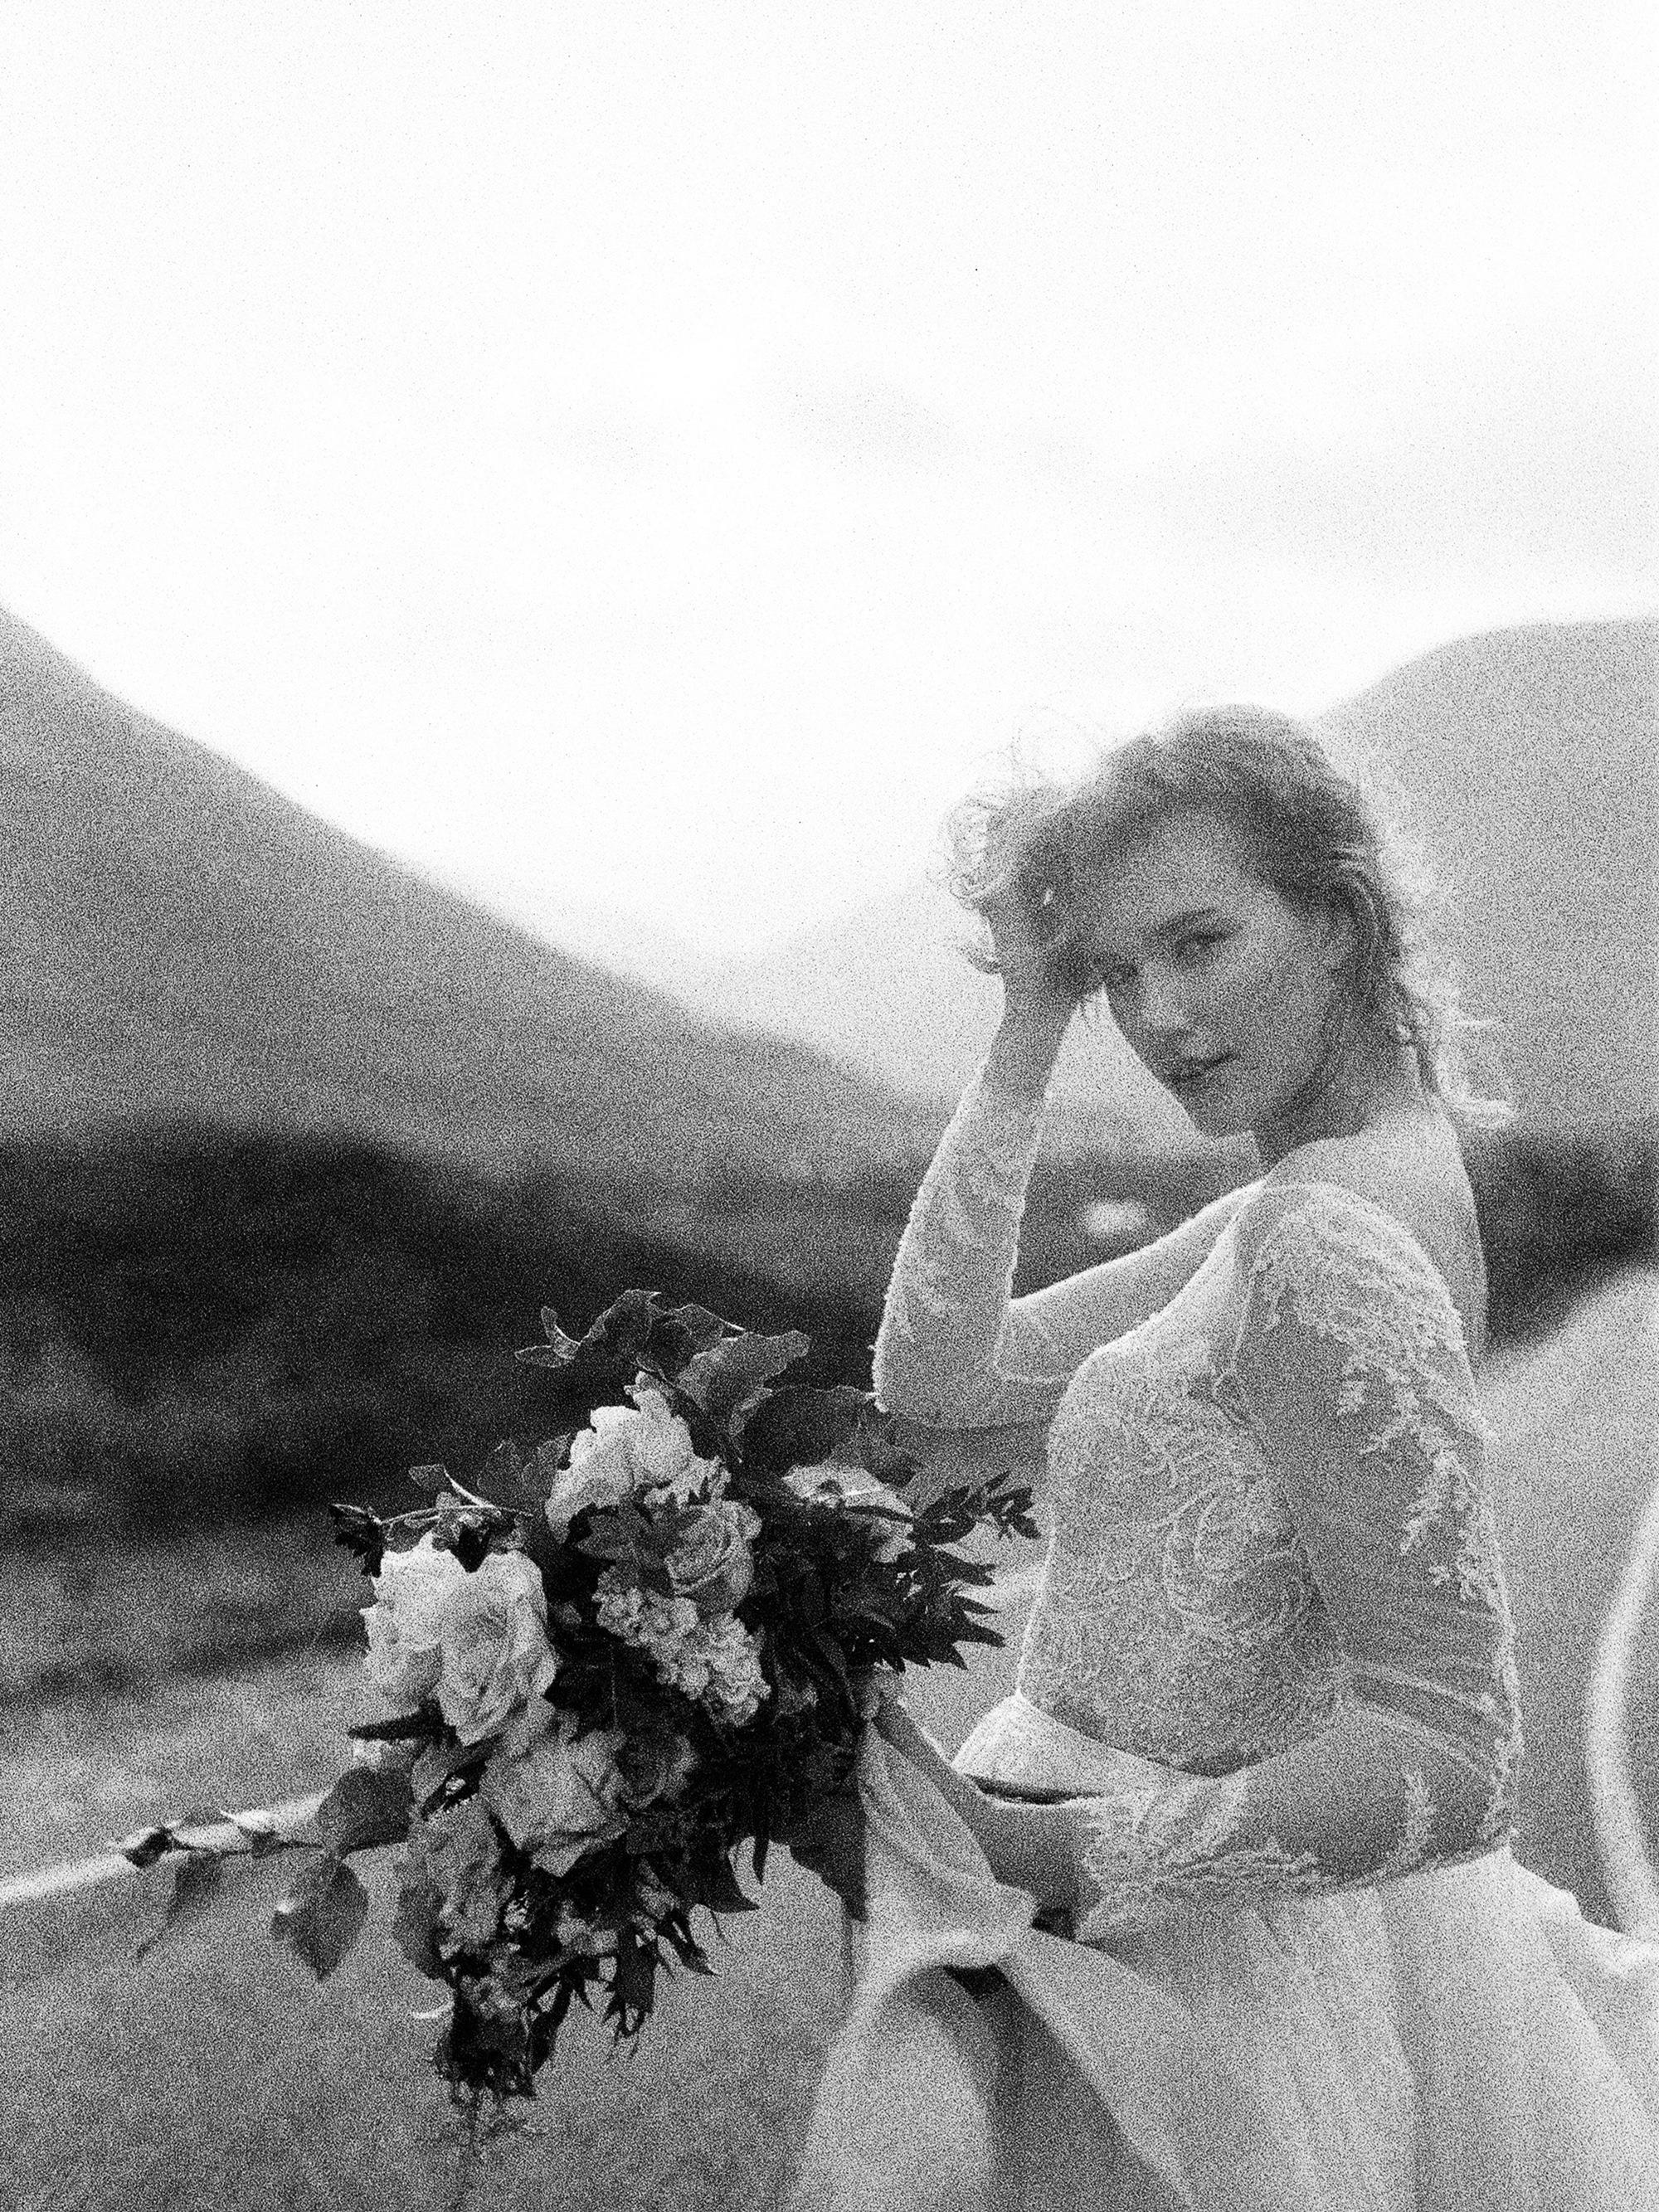 Bride portrait against Scotland landscape - photo by Jen Huang